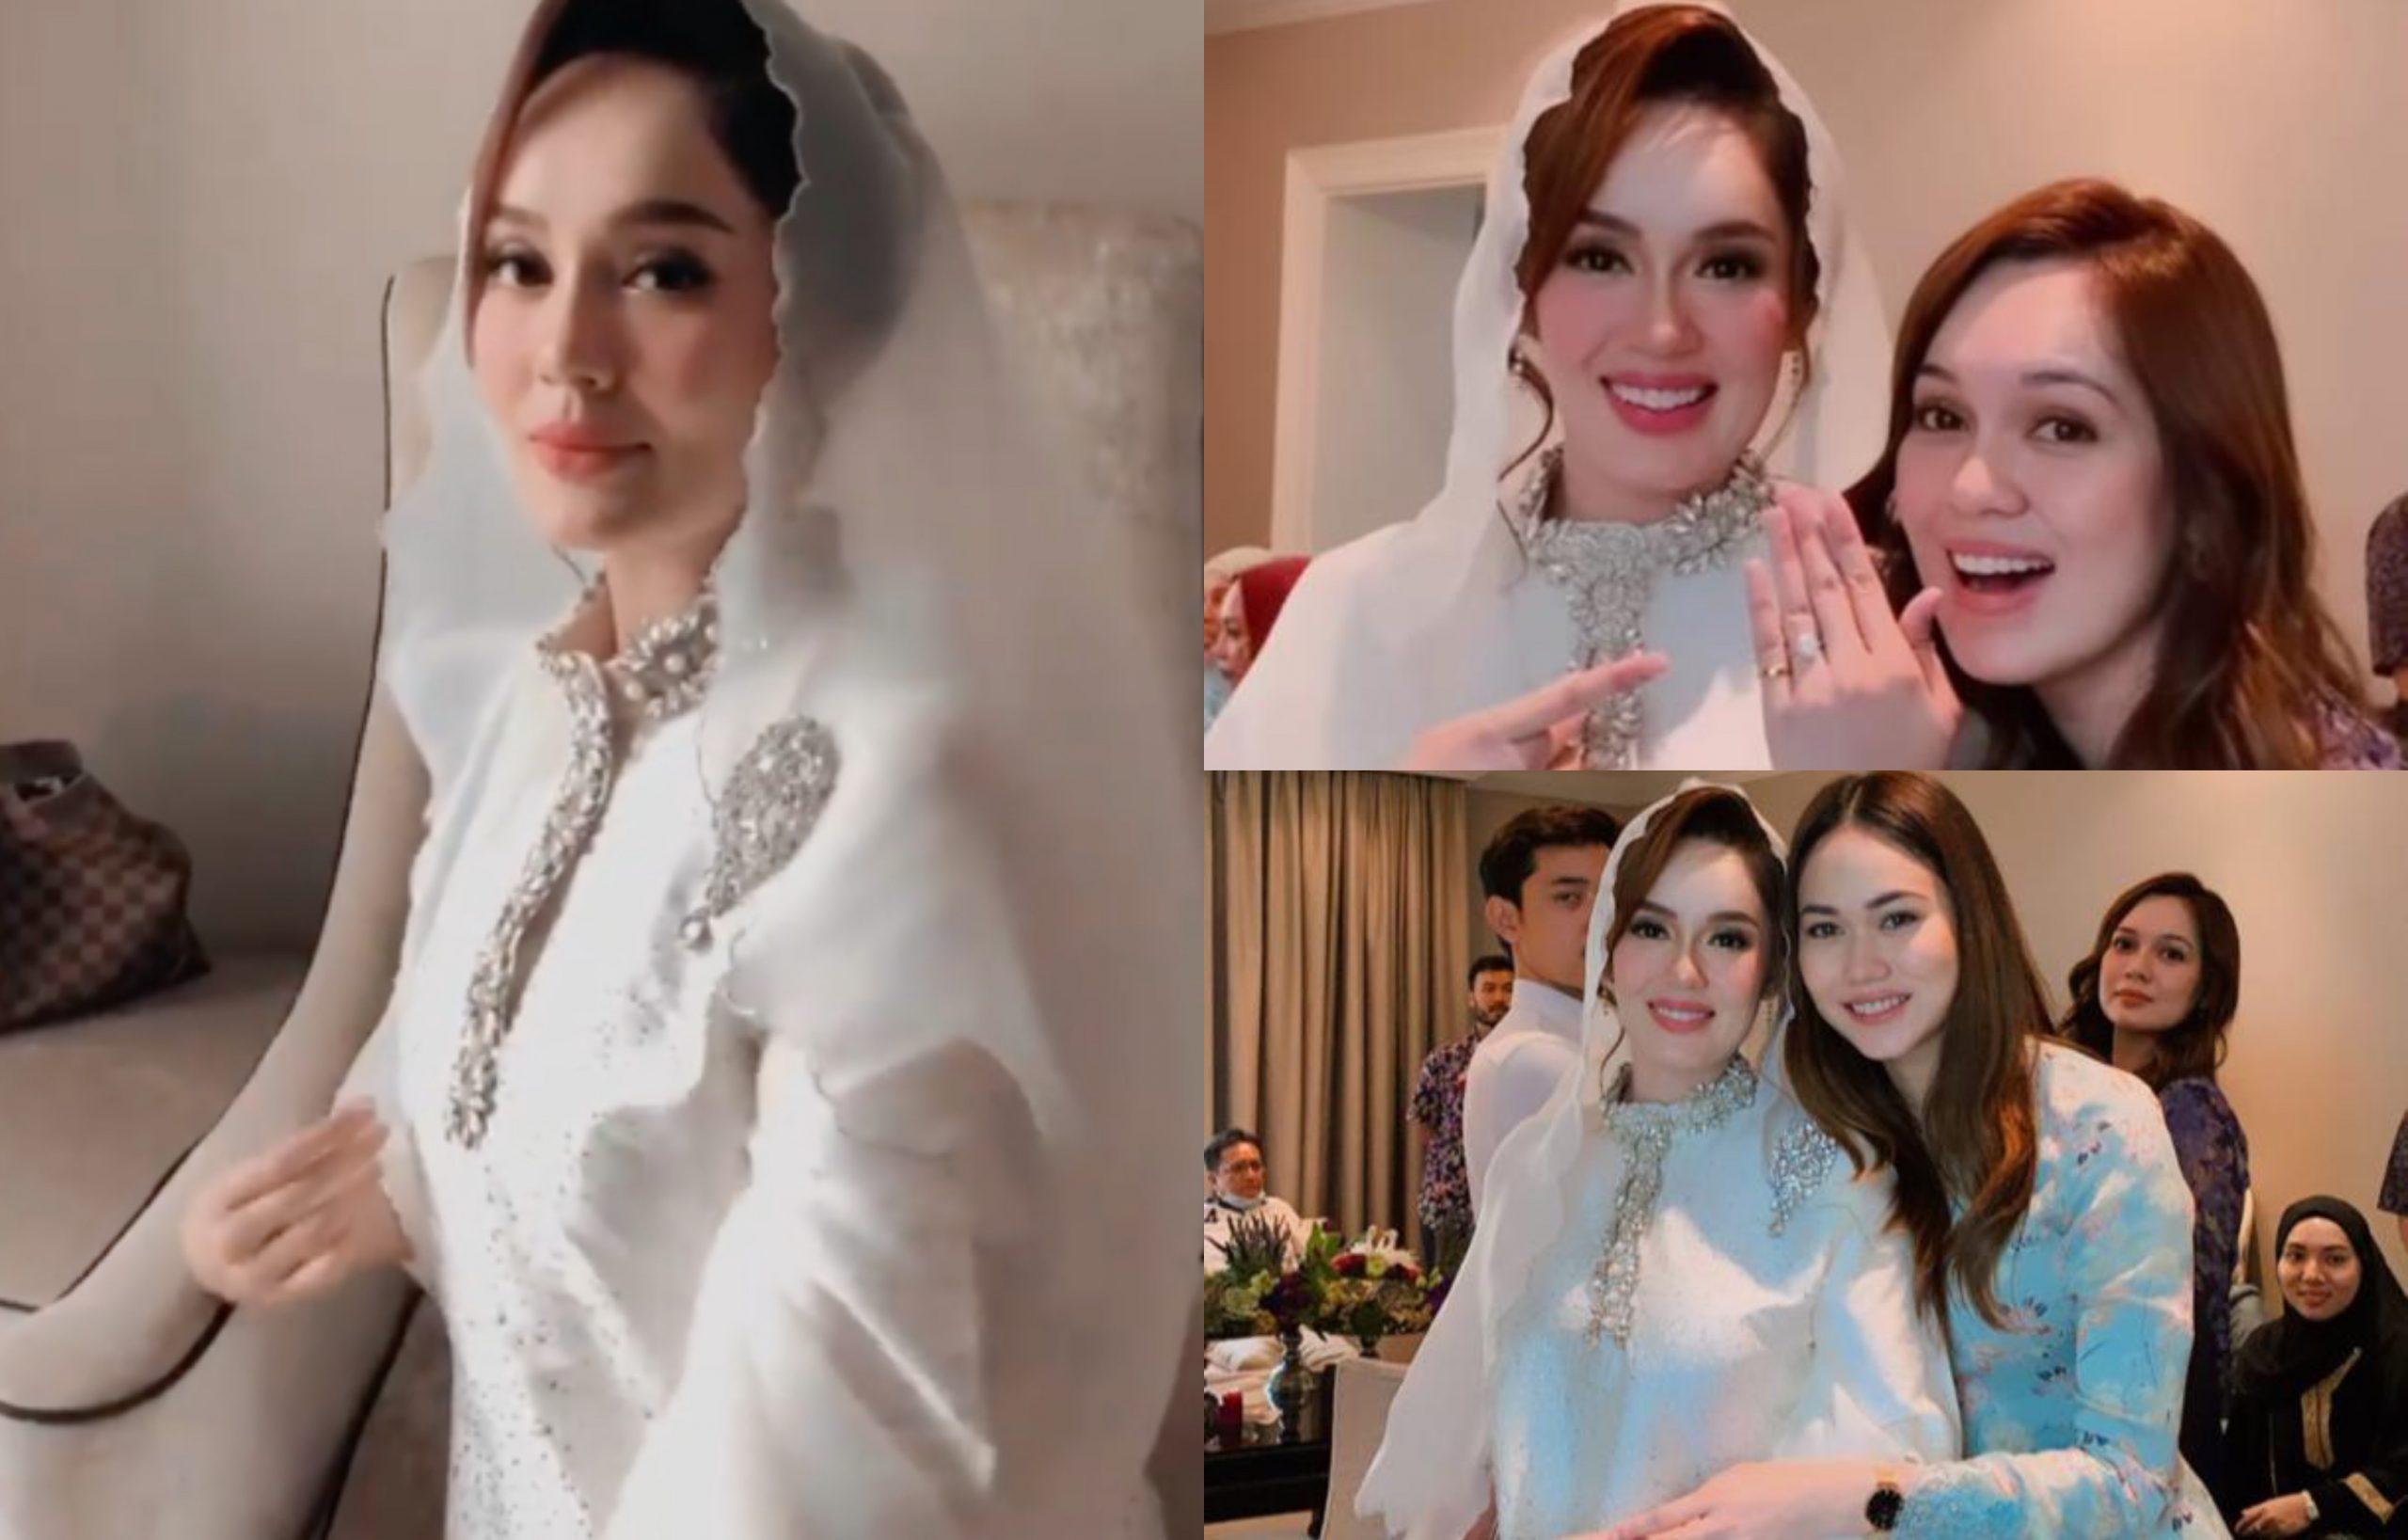 Bakal Kahwin Tak Lama Lagi, Kamal Adli Hantar 'Rombongan' Risik Uqasha Senrose, Tahniah!